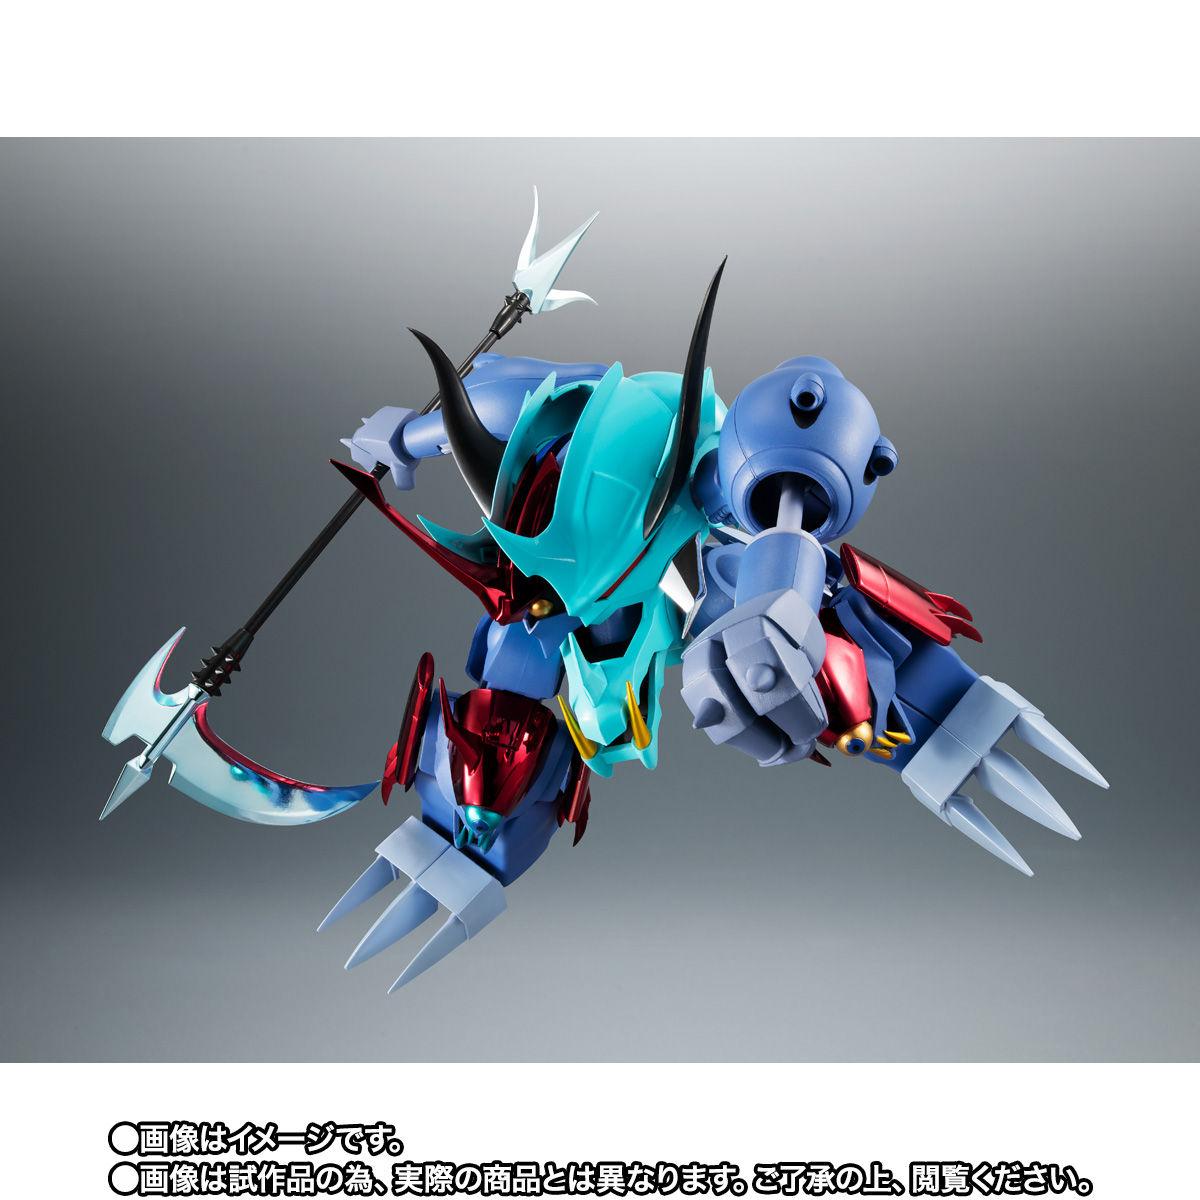 【限定販売】ROBOT魂〈SIDE MASHIN〉『ガッタイダー 30周年特別記念版』魔神英雄伝ワタル 可動フィギュア-007